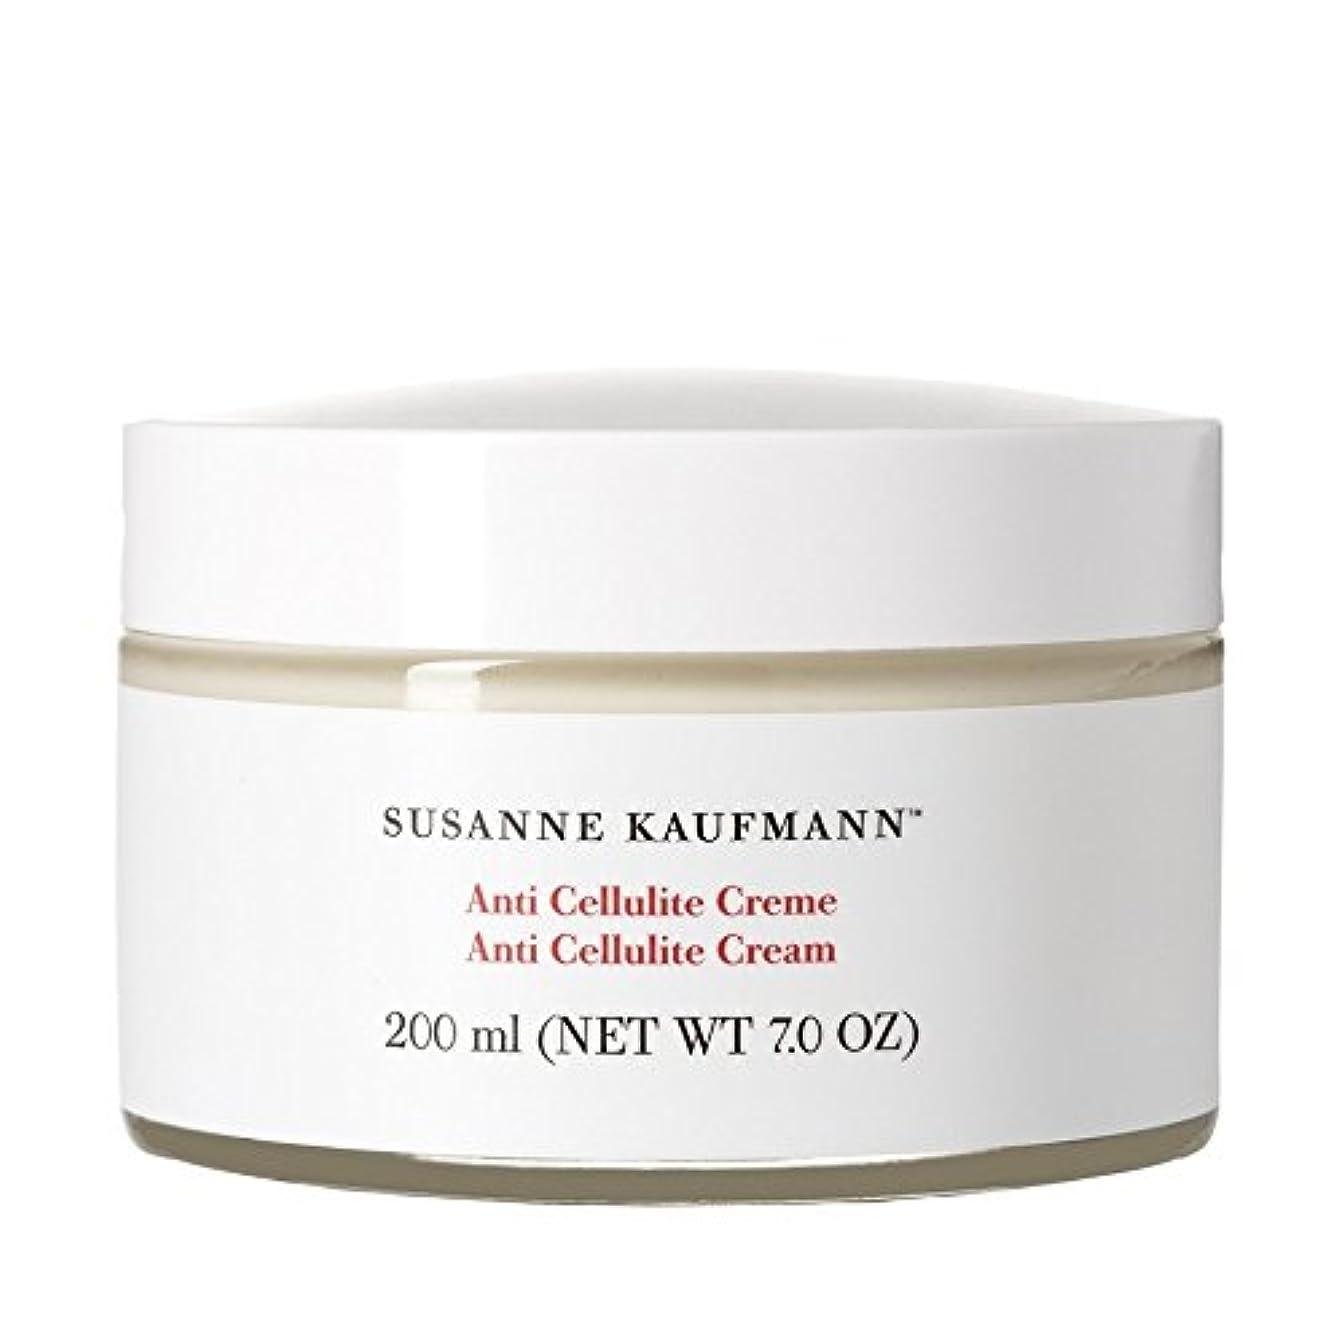 ルートいくつかの盆地スザンヌカウフマン抗セルライトクリーム200ミリリットル x2 - Susanne Kaufmann Anti Cellulite Cream 200ml (Pack of 2) [並行輸入品]